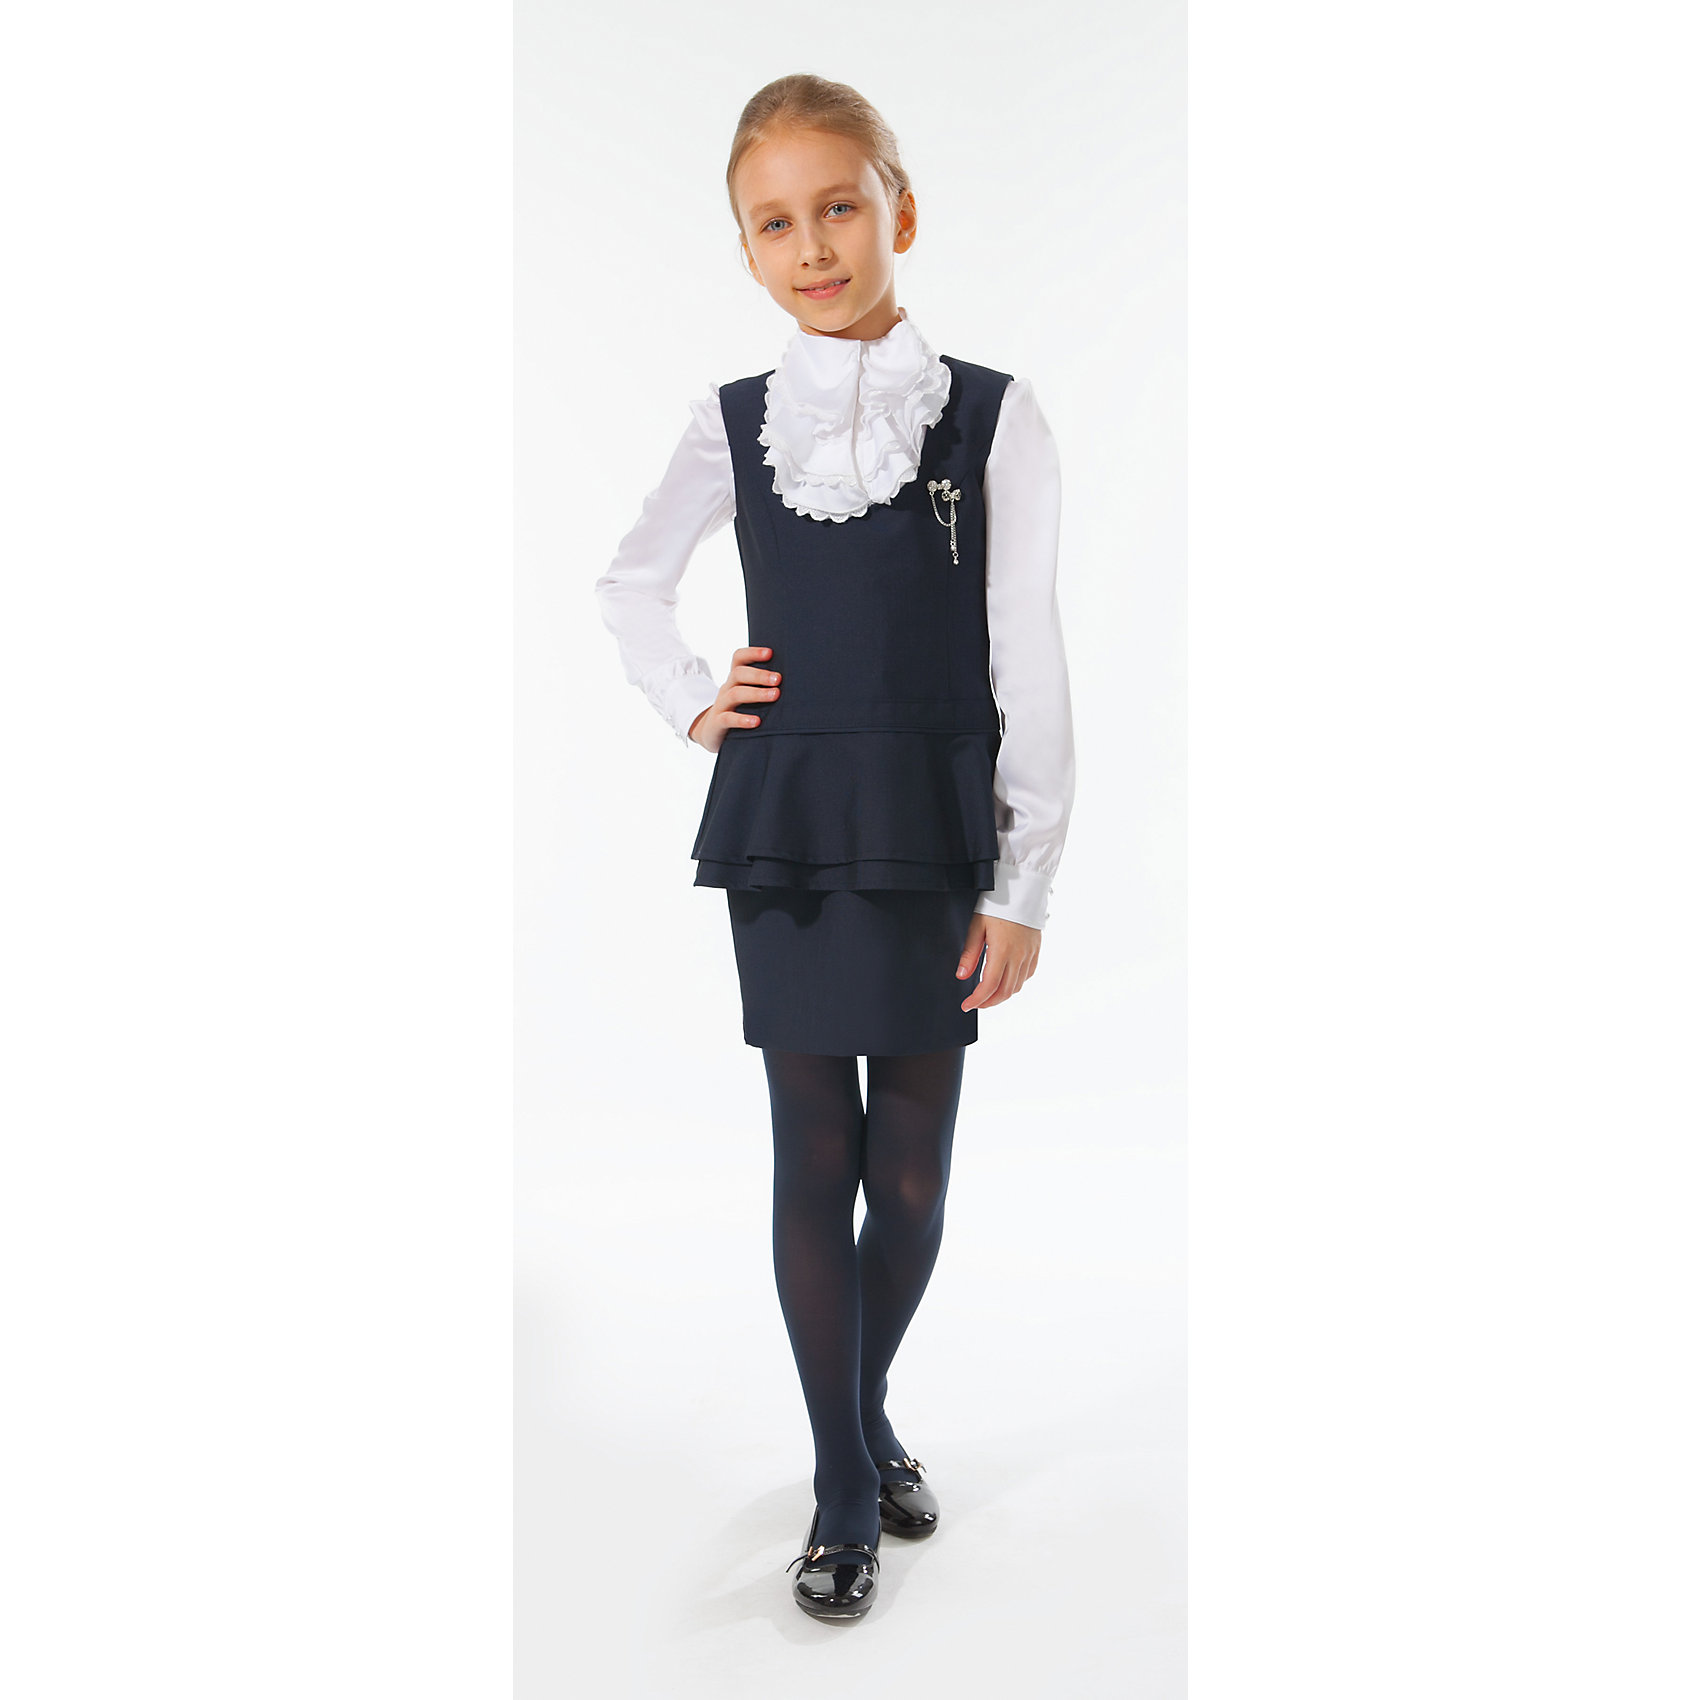 Сарафан Silver SpoonСарафан Silver Spoon (Сильвер Спун) - замечательно решение для маленьких модниц, которые хотят и на школьных занятиях выглядеть стильно и неповторимо. Элегантная модель очень легкая и комфортная, ткань приятна на ощупь, не раздражает кожу и позволяет ей дышать. У сарафана приталенный силуэт с прямой юбкой, широкие бретельки, горловина с округлым вырезом. В талии имеется декоративная вставка в два яруса, украшение в виде съемной брошки. Сарафан отлично сочетается с блузками, рубашками и водолазками. Все модели Сильвер Спун предназначены для повседневного интенсивного использования и выполнены из прочных тканей, которые позволяют вещам выглядеть великолепно на протяжении длительного срока эксплуатации. Рекомендуется щадящая ручная стирка, гладить при низкой температуре.<br><br>Дополнительная информация:<br><br>- Цвет: темно-синий.<br>- Материал: 81% полиэстер, 19% вискоза.<br> <br>Сарафан, Silver Spoon (Сильвер Спун), можно купить в нашем интернет-магазине.<br><br>Ширина мм: 236<br>Глубина мм: 16<br>Высота мм: 184<br>Вес г: 177<br>Цвет: синий<br>Возраст от месяцев: 132<br>Возраст до месяцев: 144<br>Пол: Женский<br>Возраст: Детский<br>Размер: 152,128,140,146,134<br>SKU: 4146154